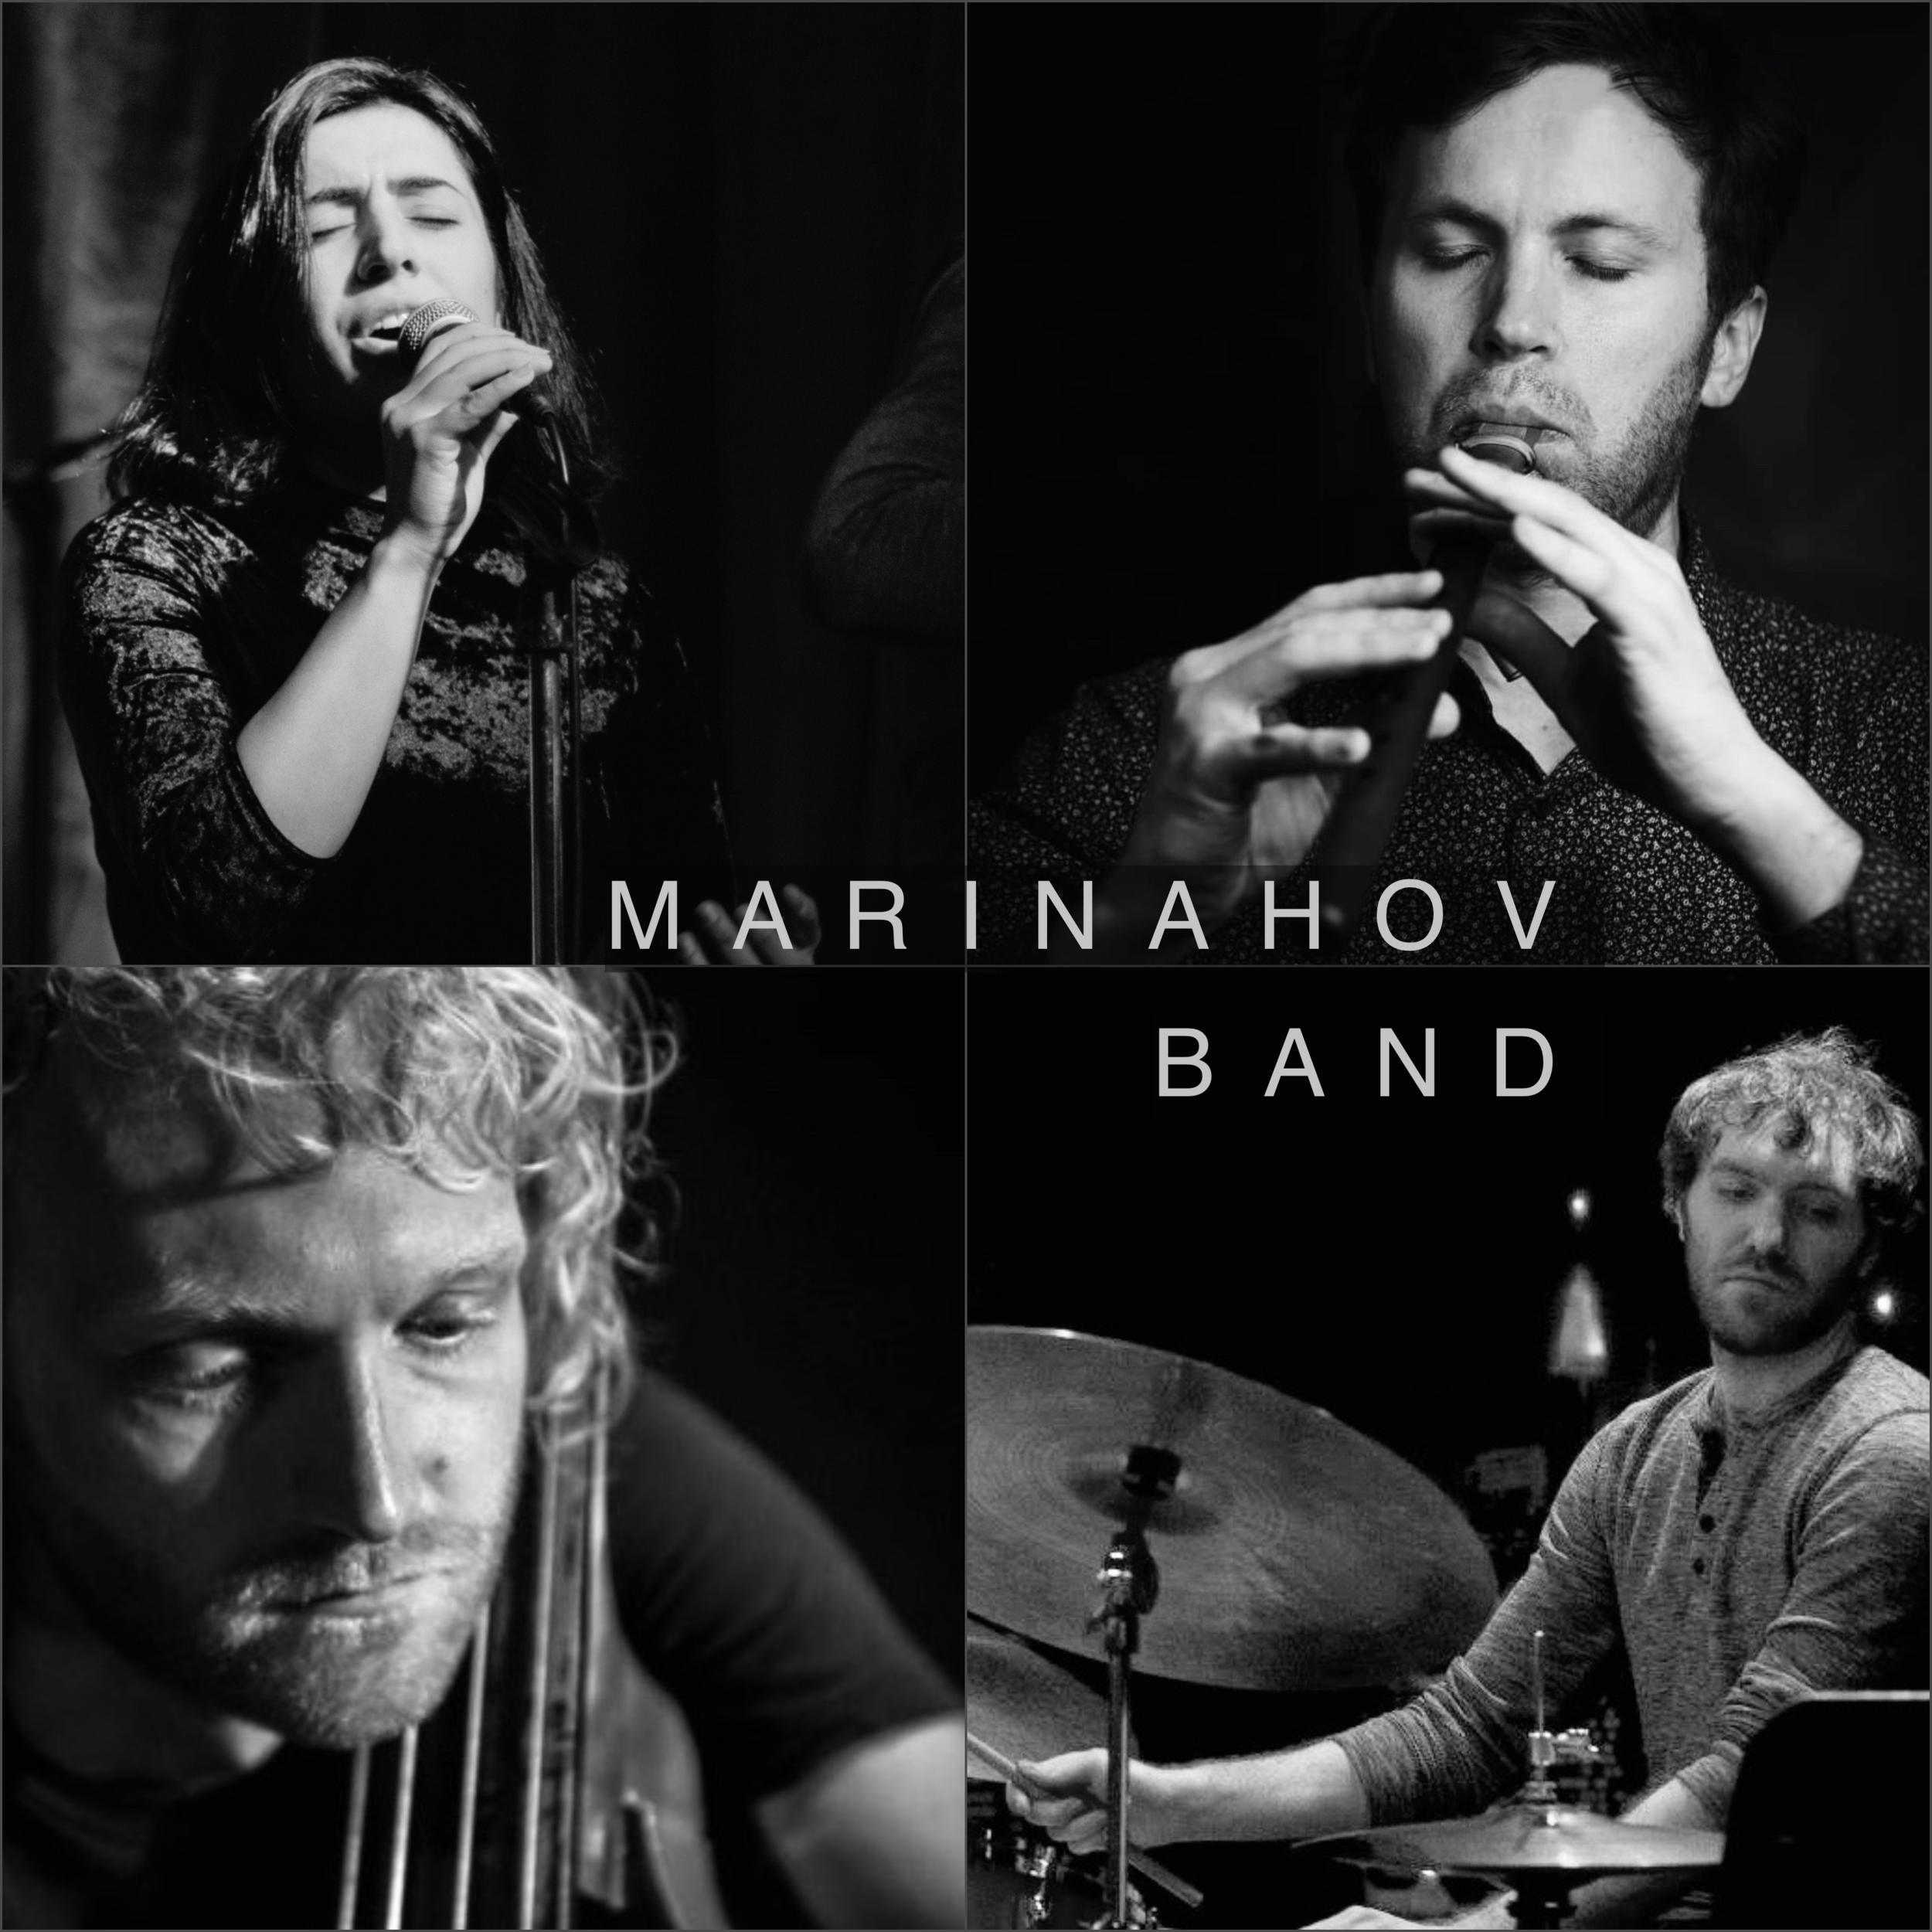 Courtesy of MarinaHov Band